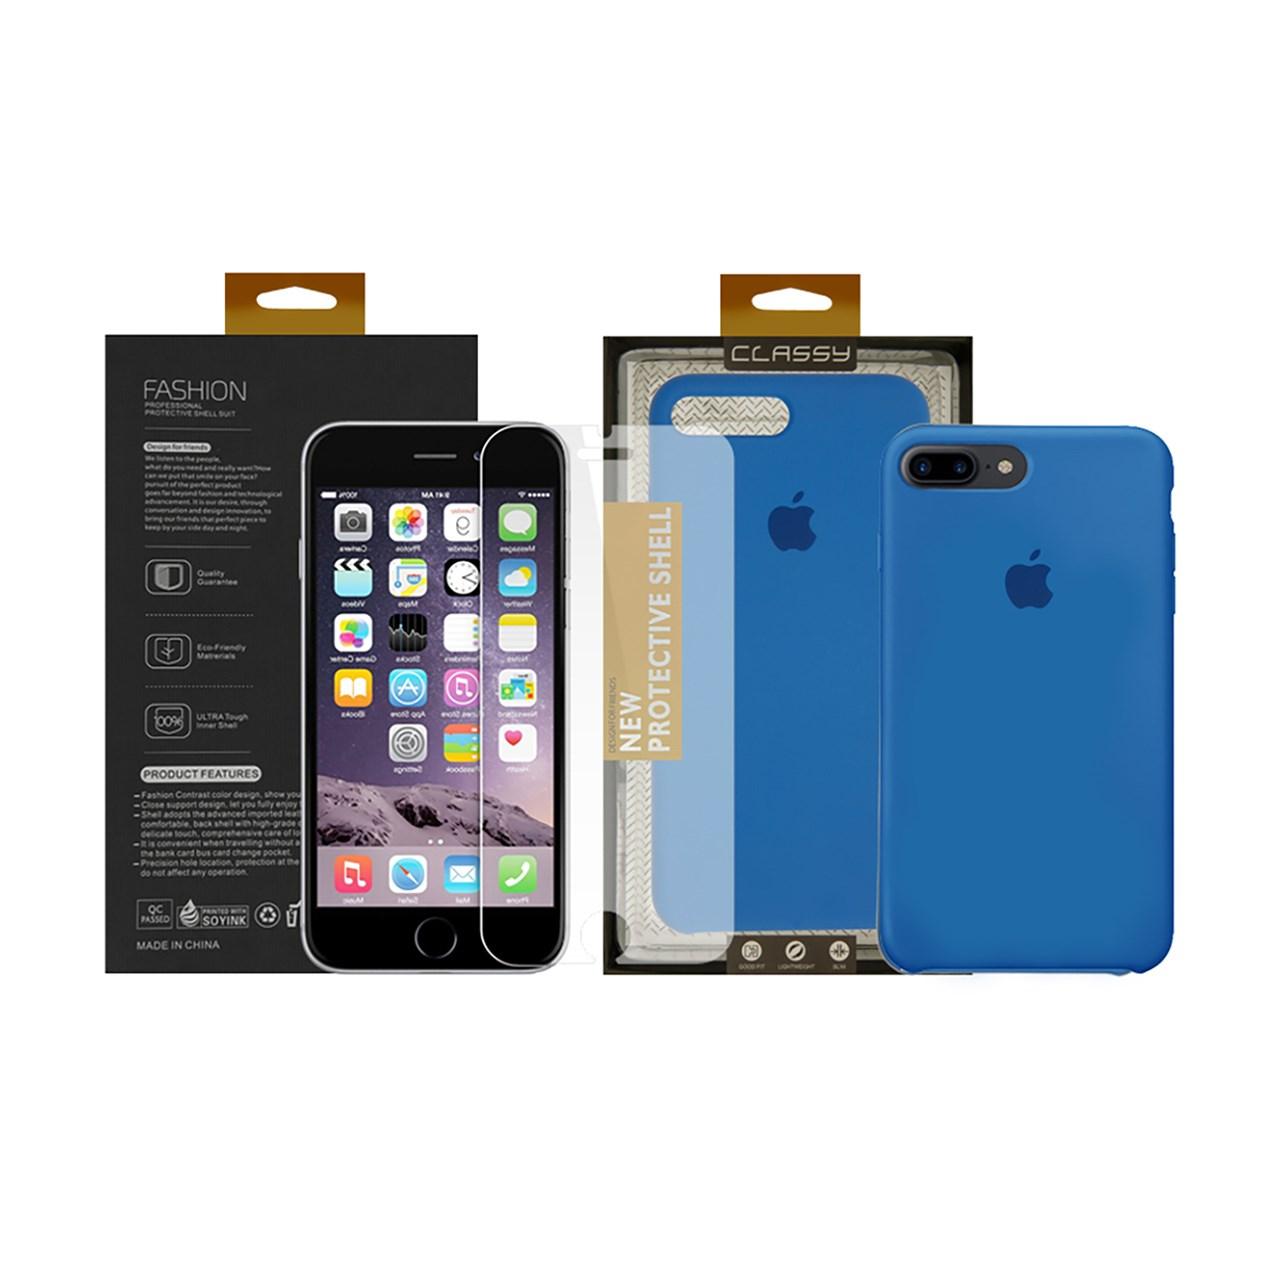 کاور سومگ مدل سیلیکونی مناسب برای گوشی موبایل اپل آیفون 7 پلاس/8 پلاس به همراه محافظ صفحه نمایش